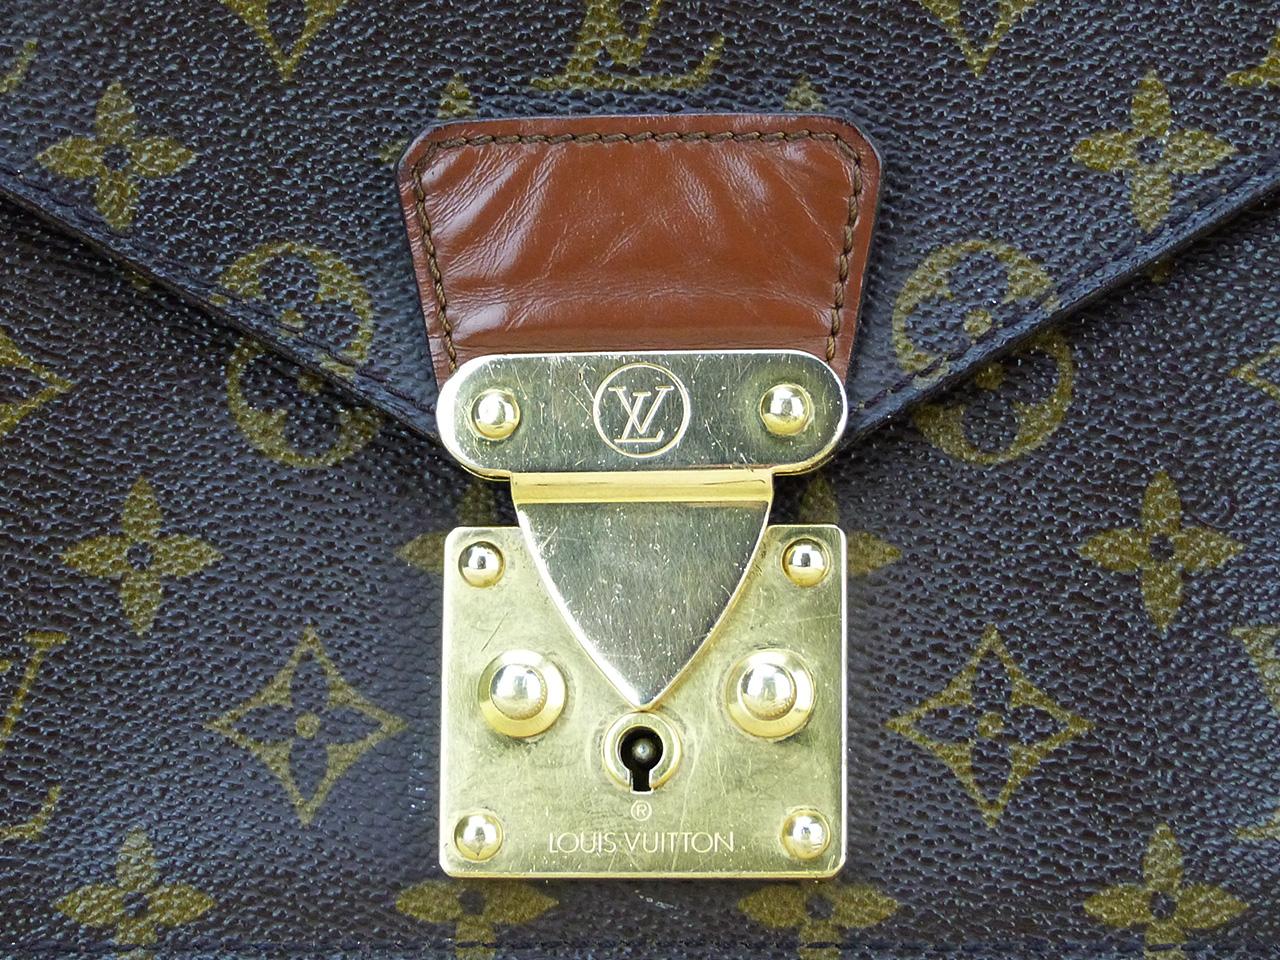 Sac Louis Vuitton Concorde Authentique d'occasion Monogram Vintage